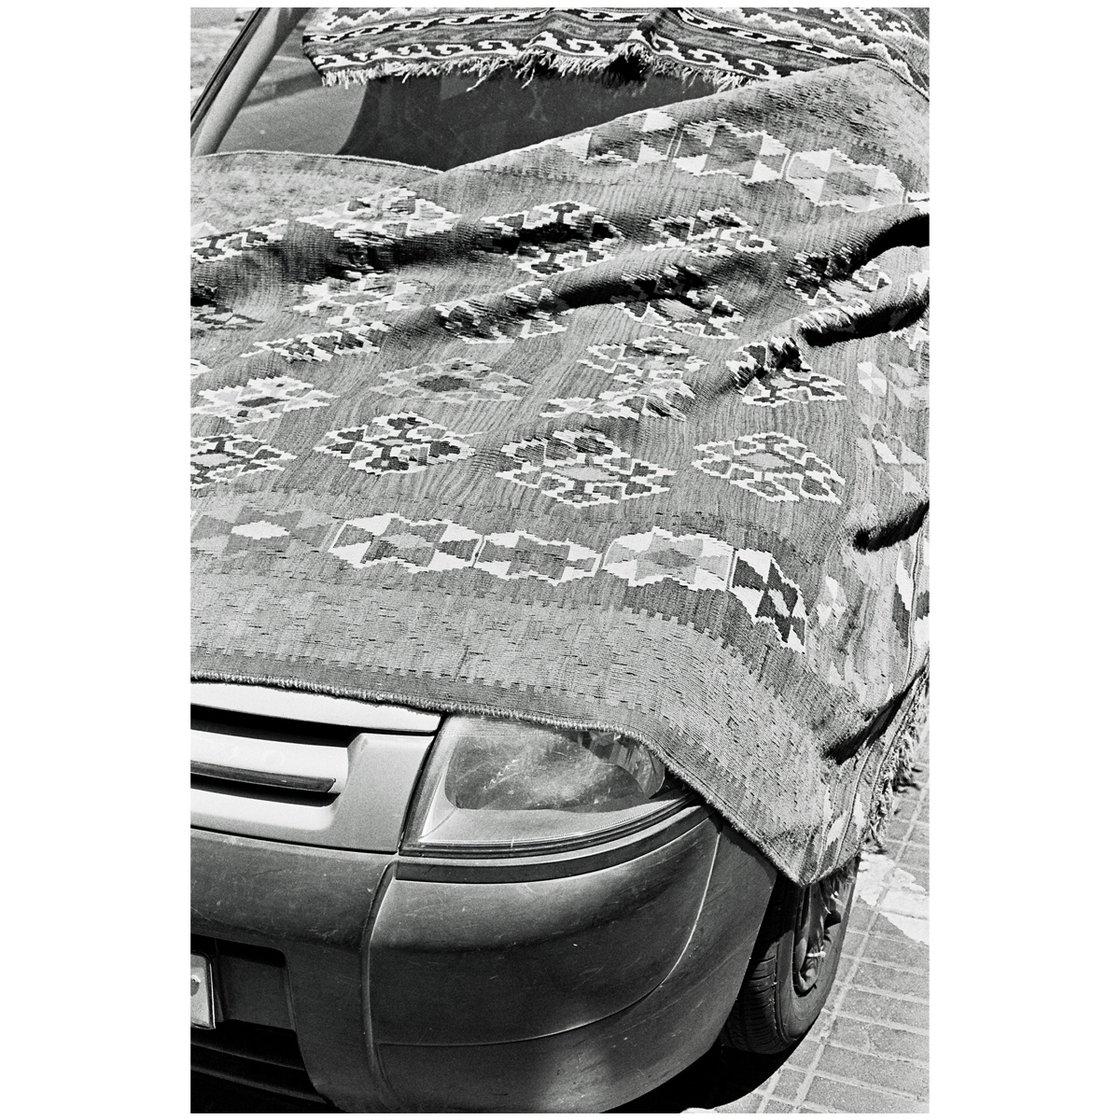 Image of 'Tel Aviv Carpeted Car' - Aluminium Print